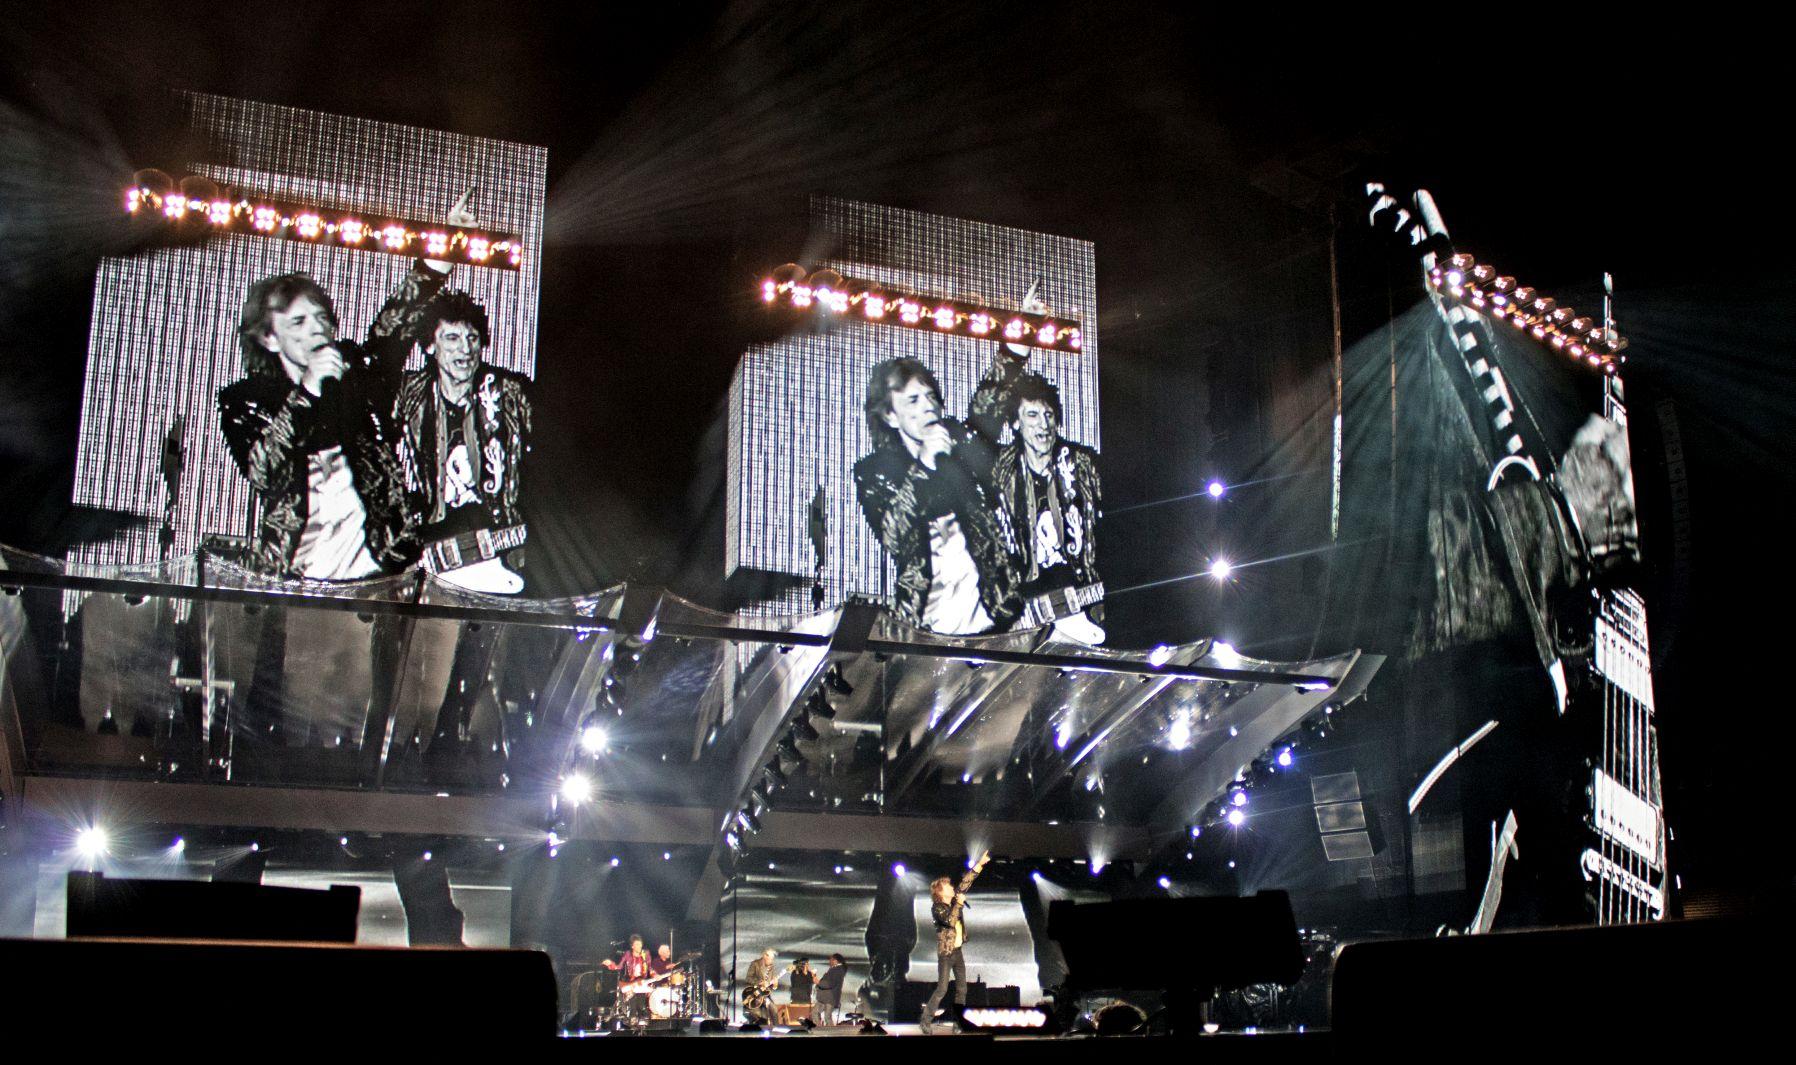 Mick Jagger und Band von The Rolling Stones bei einem Konzert im Olympiastadion München